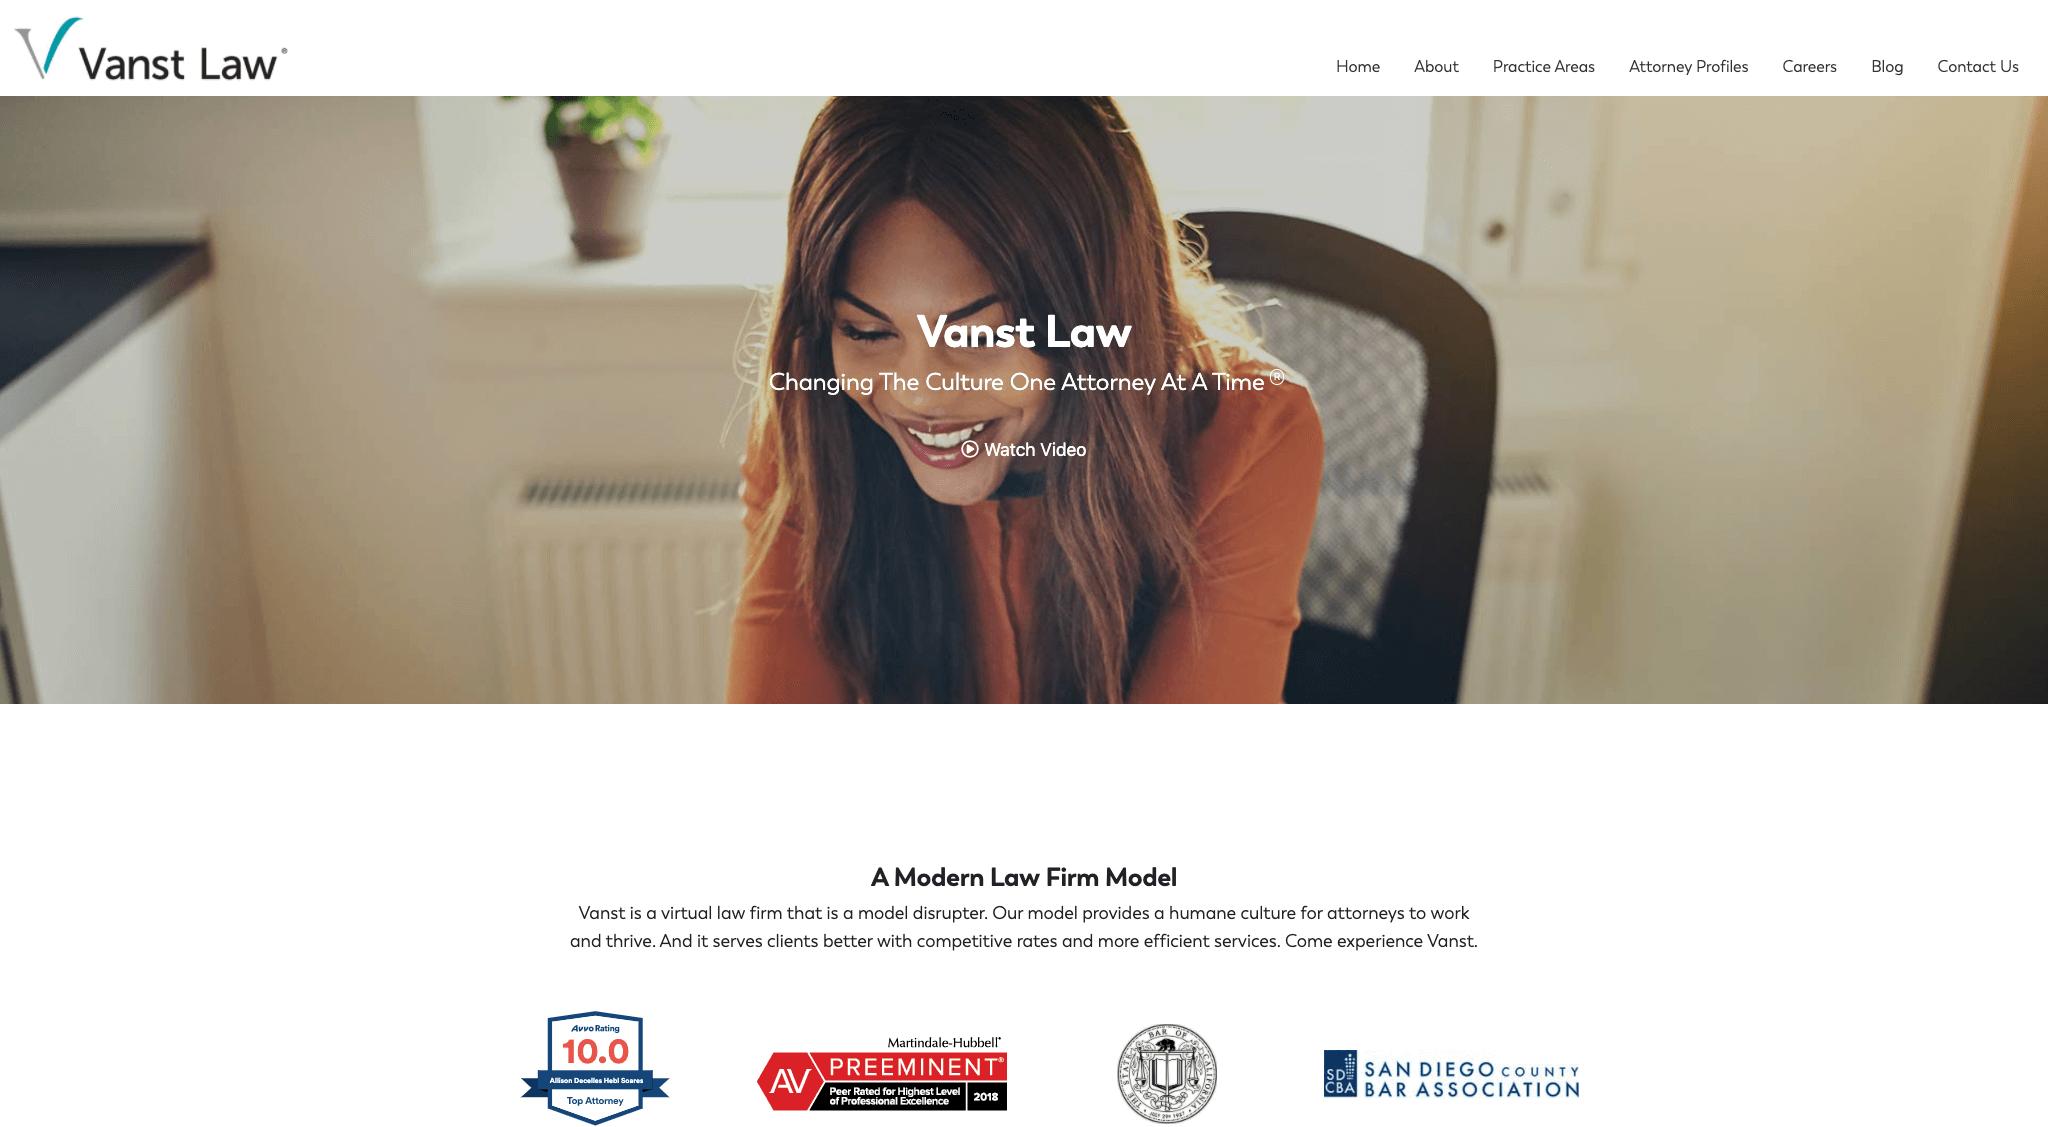 Vanst Law Website